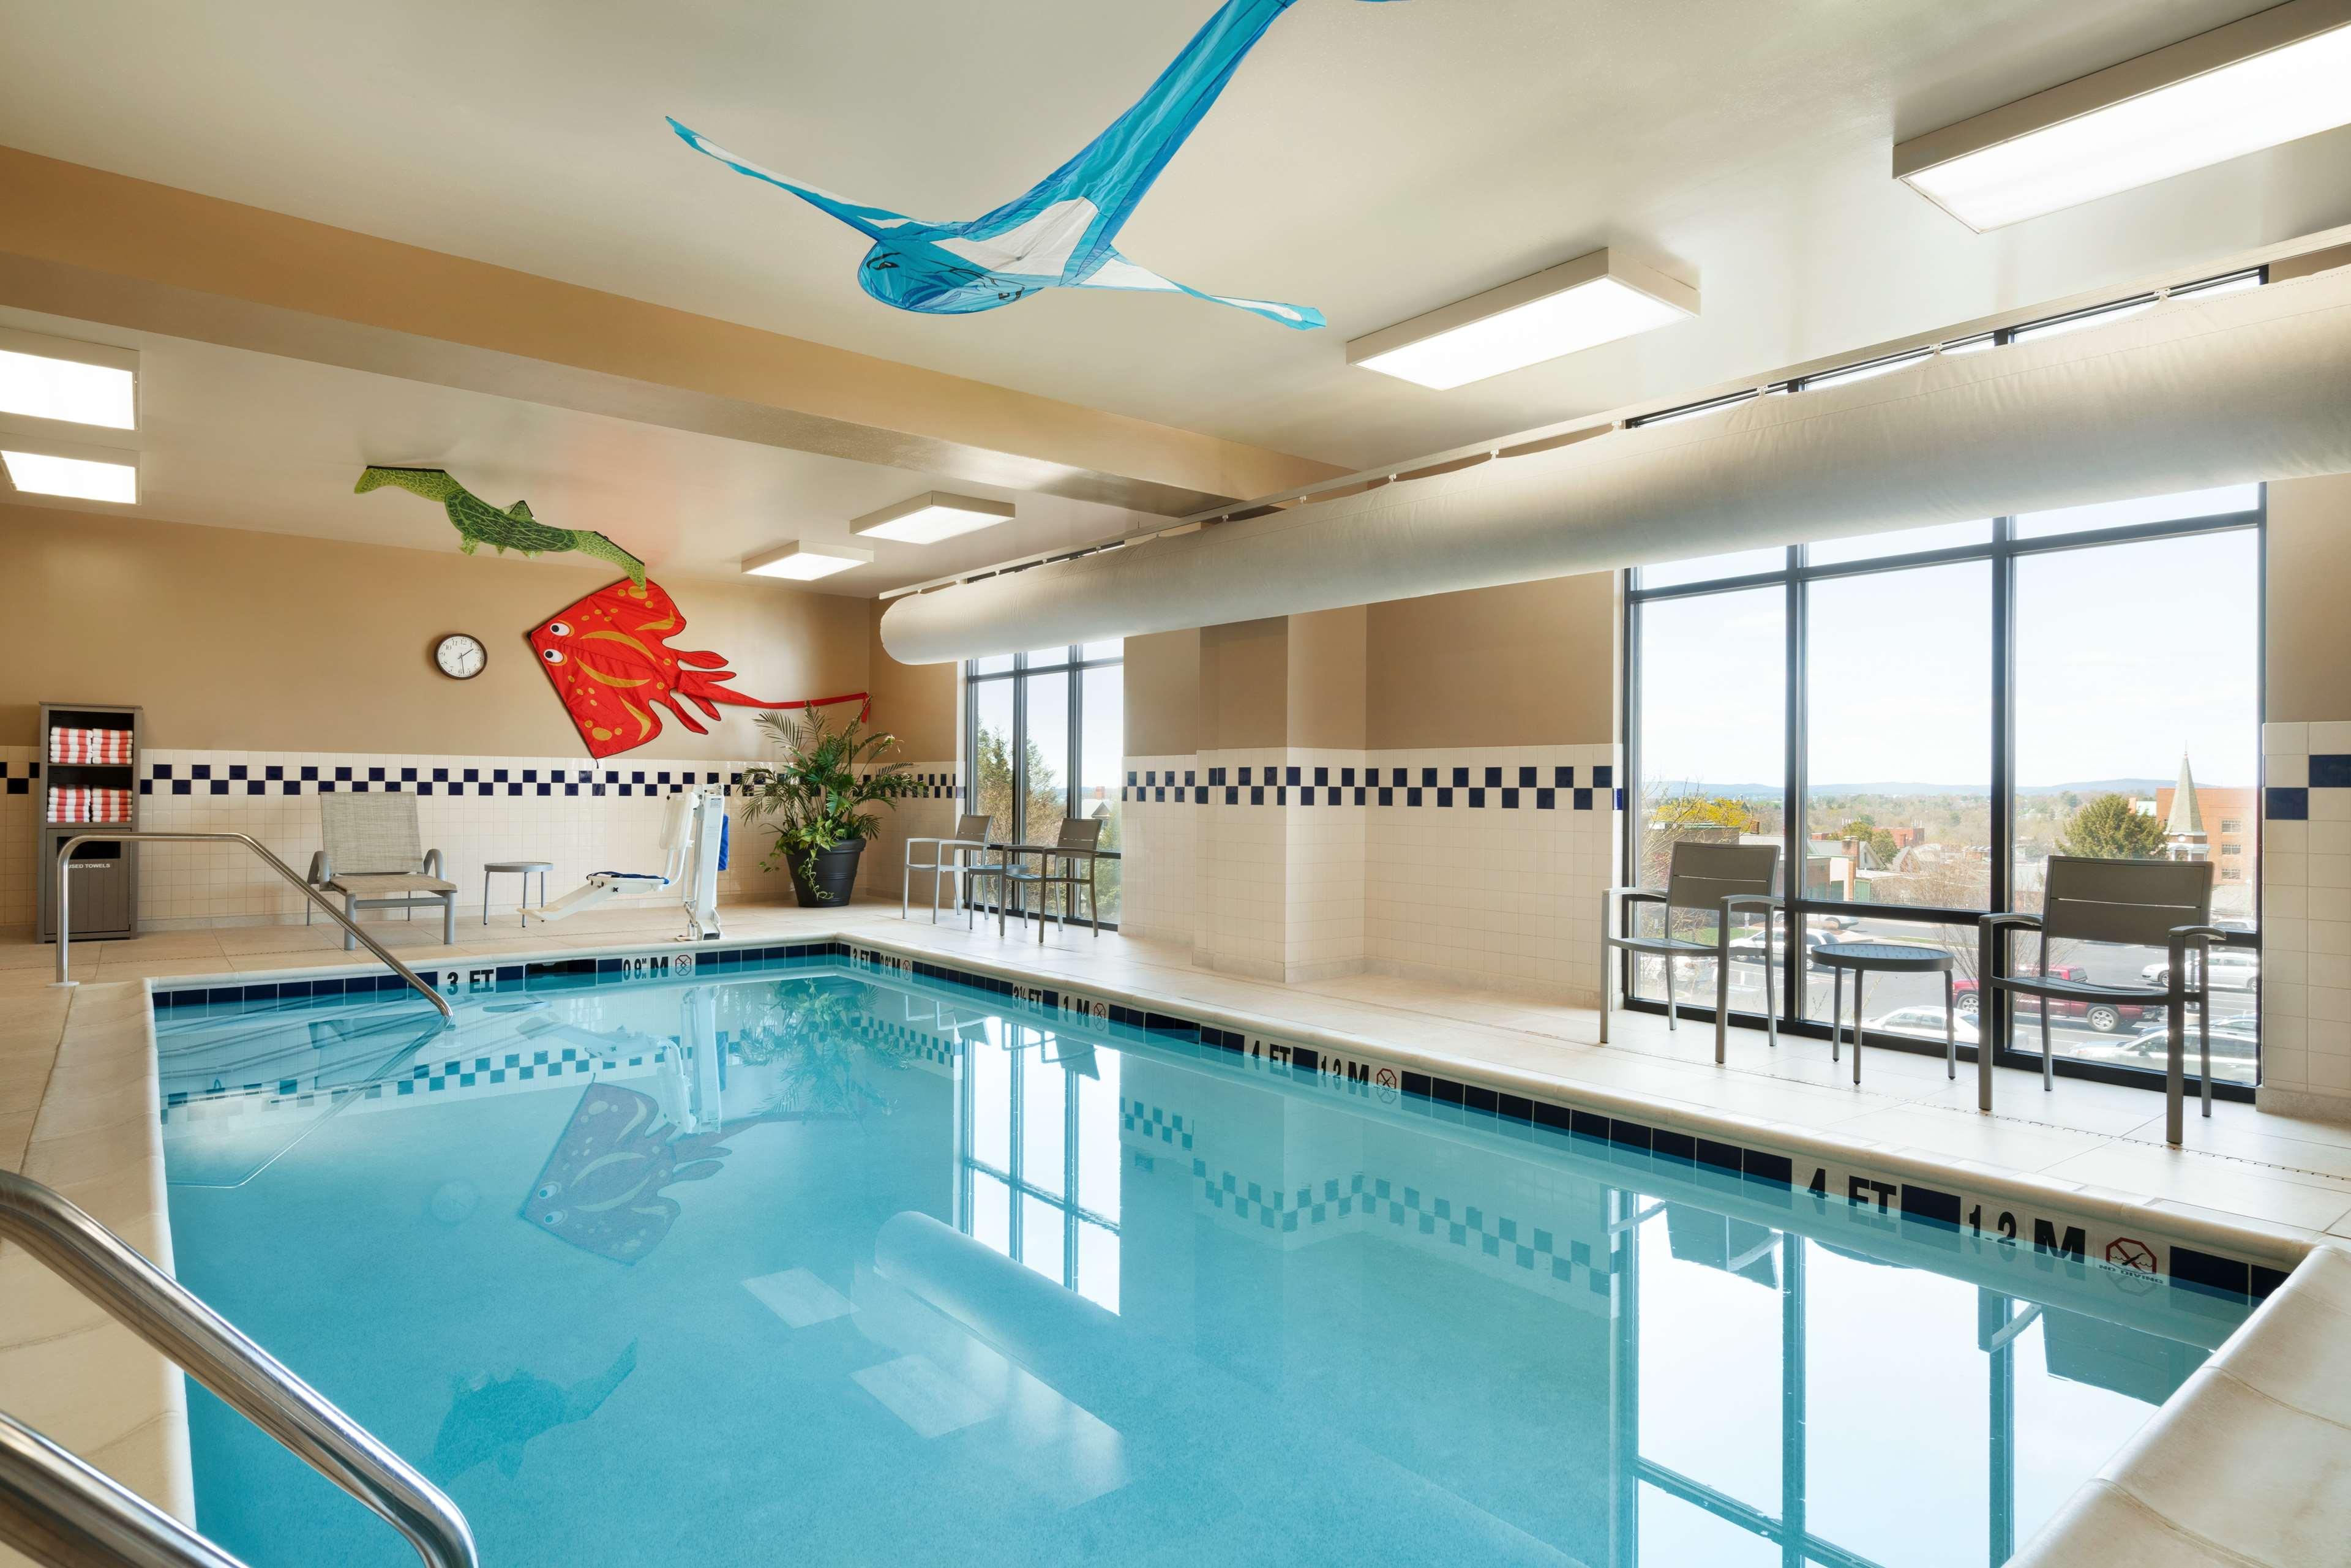 Hampton Inn & Suites Ephrata - Mountain Springs image 5